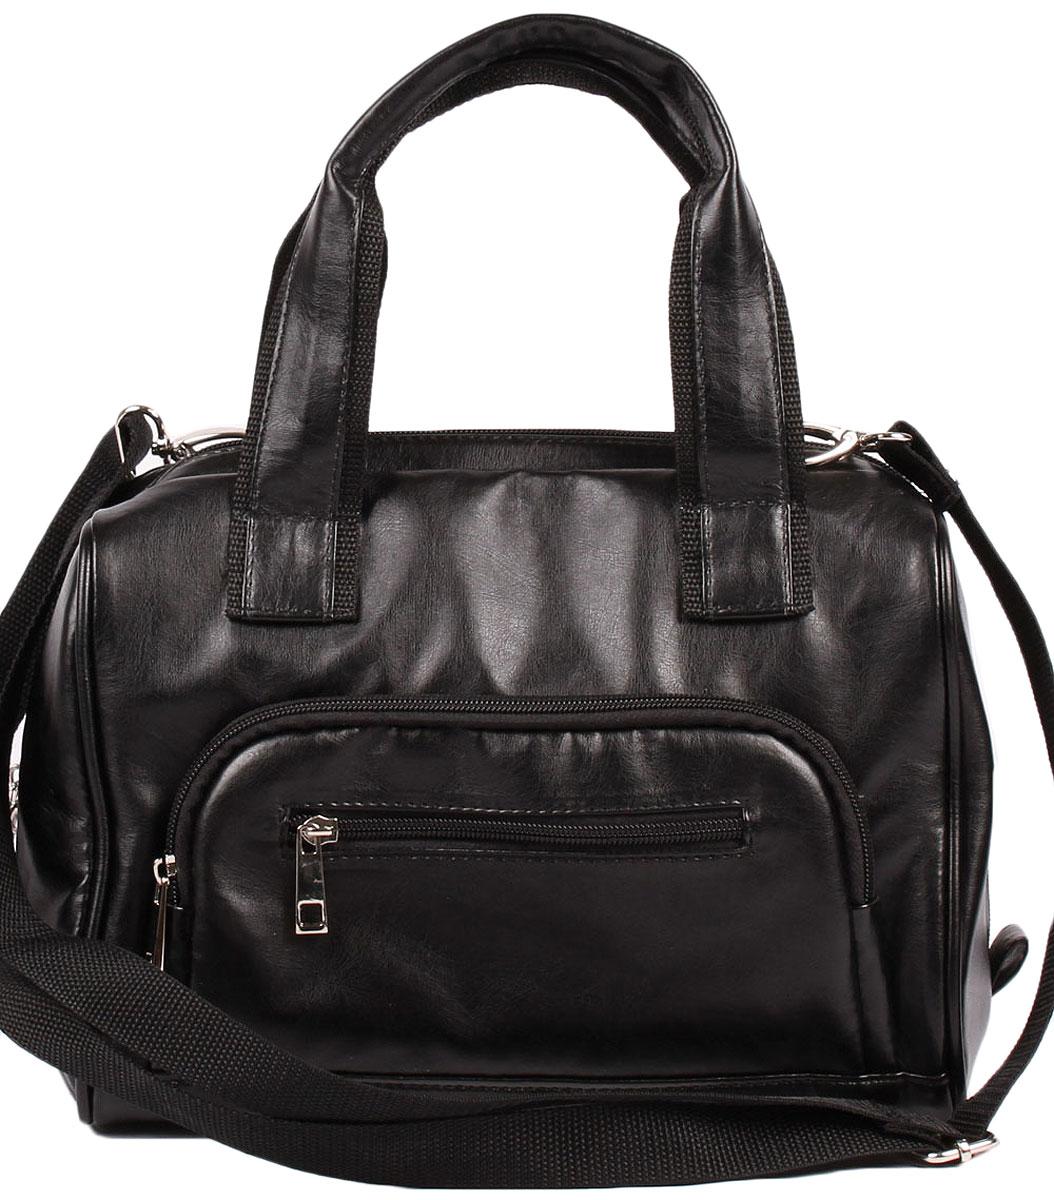 Сумка спортивная женская Медведково, цвет: черный. 16с3455-к1416с3455-к14Спортивная сумка от Медведково выполнена из искусственной кожи, модель с одним отделением, закрывается на молнию. Имеет накладной карман на передней стенке и карман на задней, закрывающиеся на молнию. Внутри сумки карман для сотового и карман на молнии.